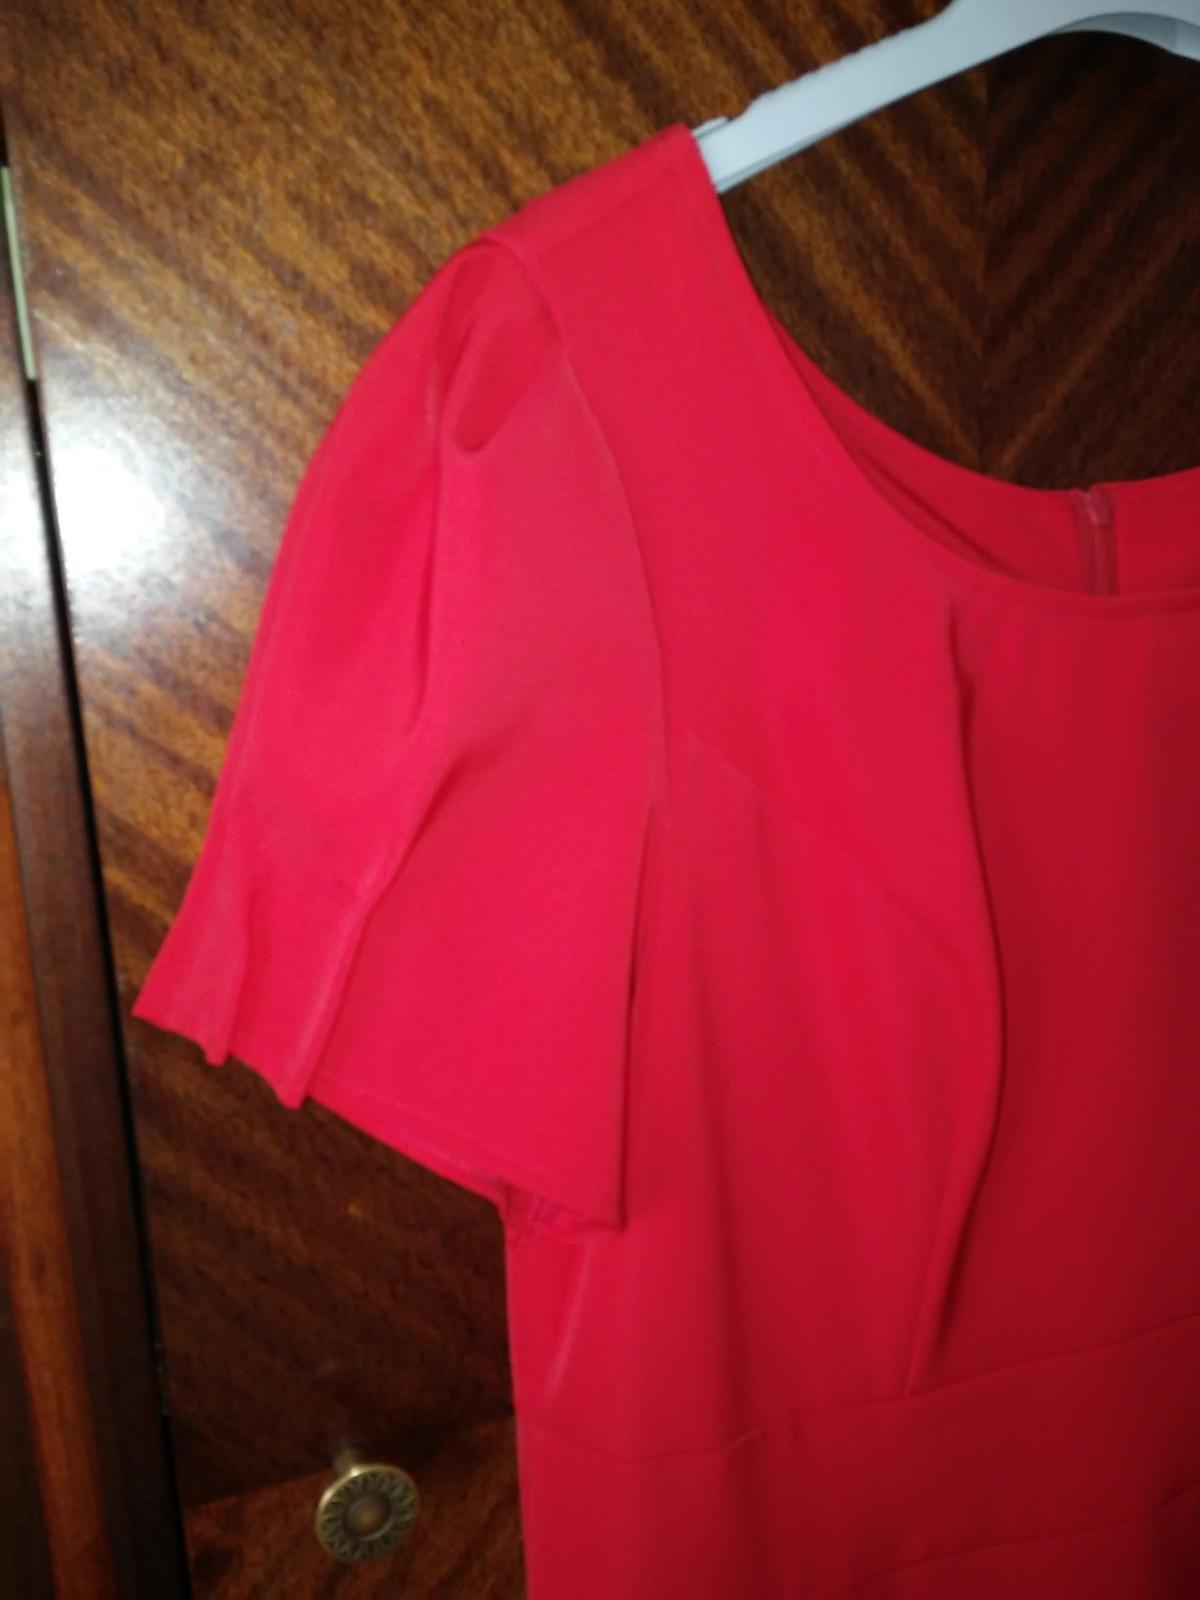 Šaty červenej farby vhodné aj na redoví tanec - Obrázok č. 3